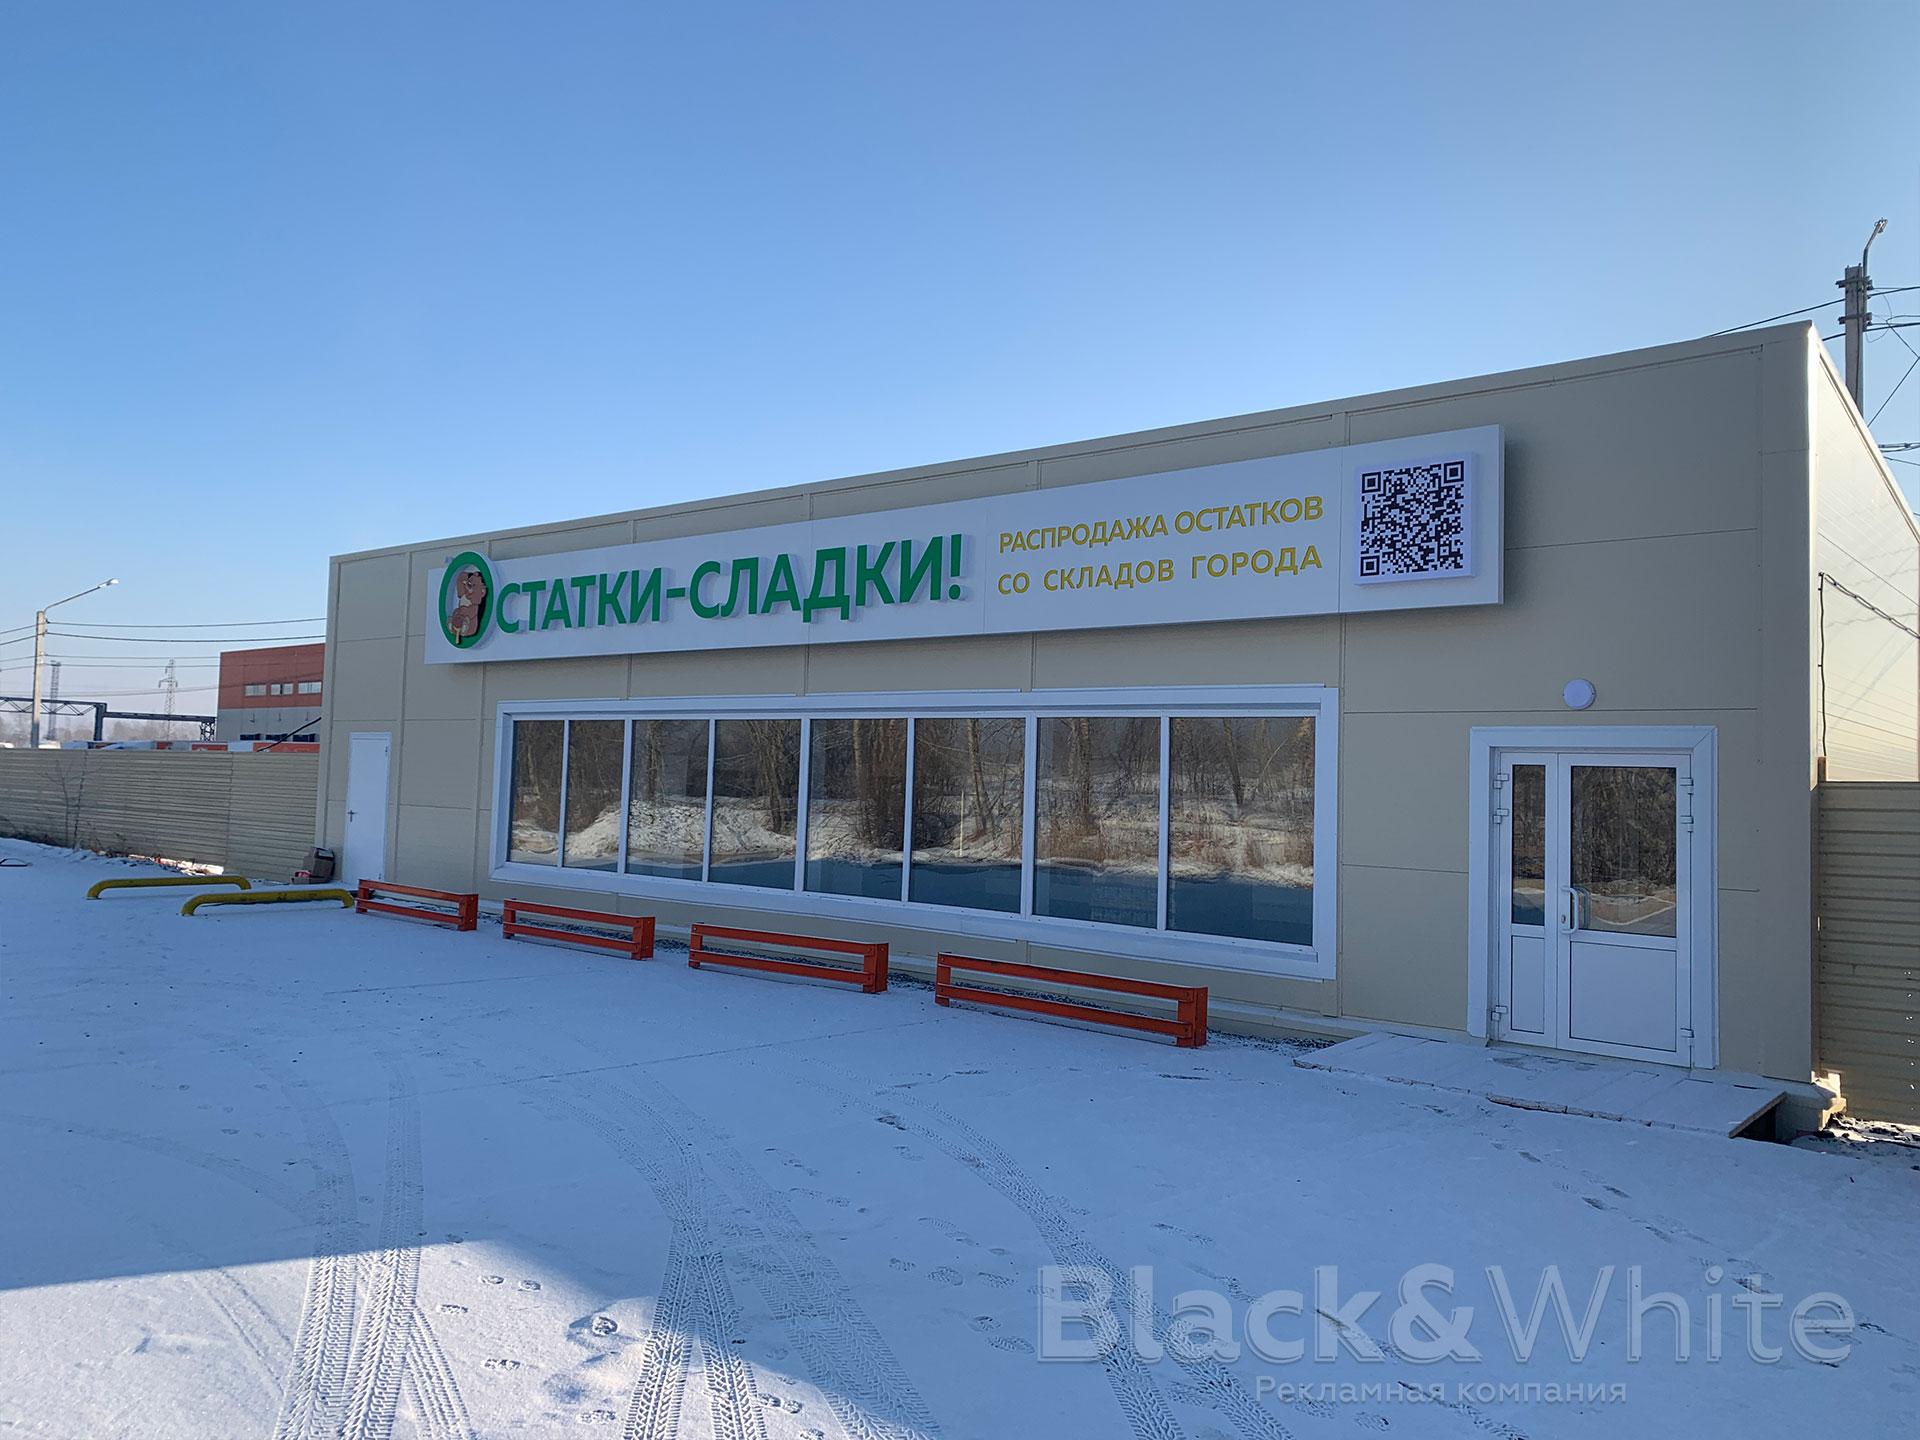 Вывеска-с-световыми-буквами-в-Красноярске.jpg